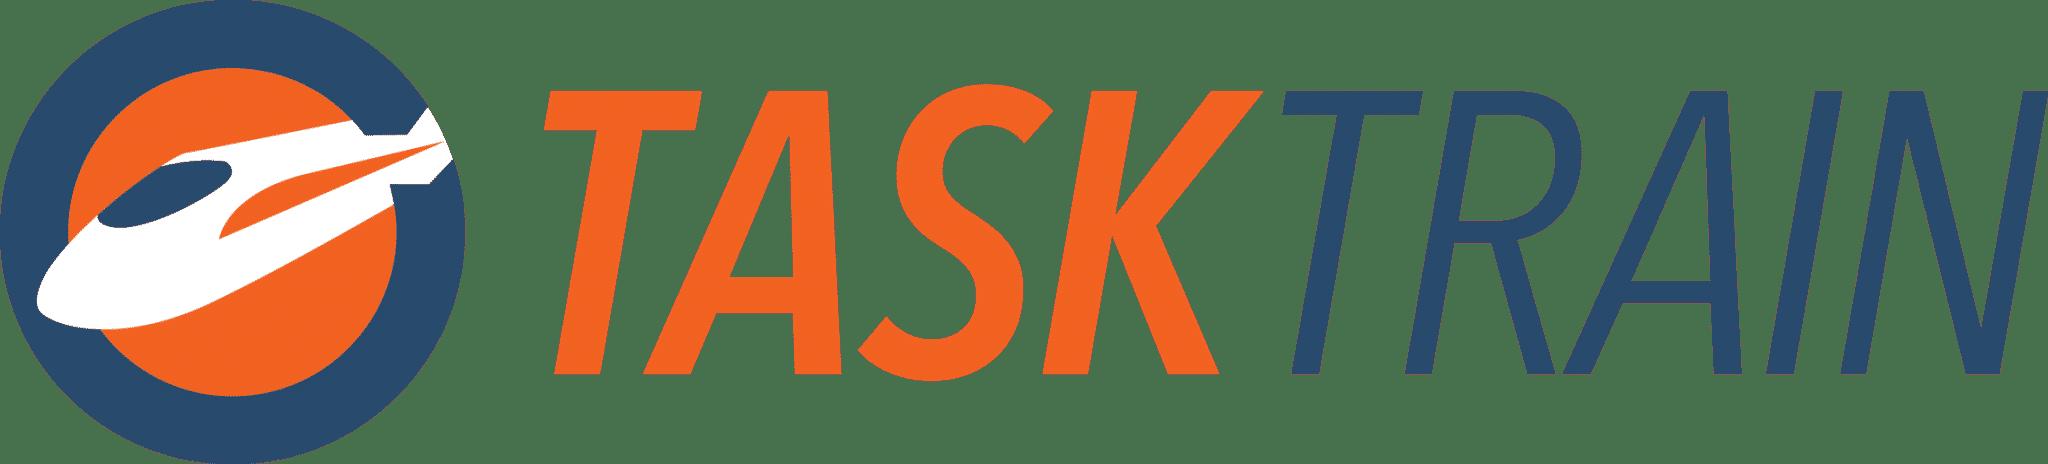 TaskTrain Logo + Wordmark